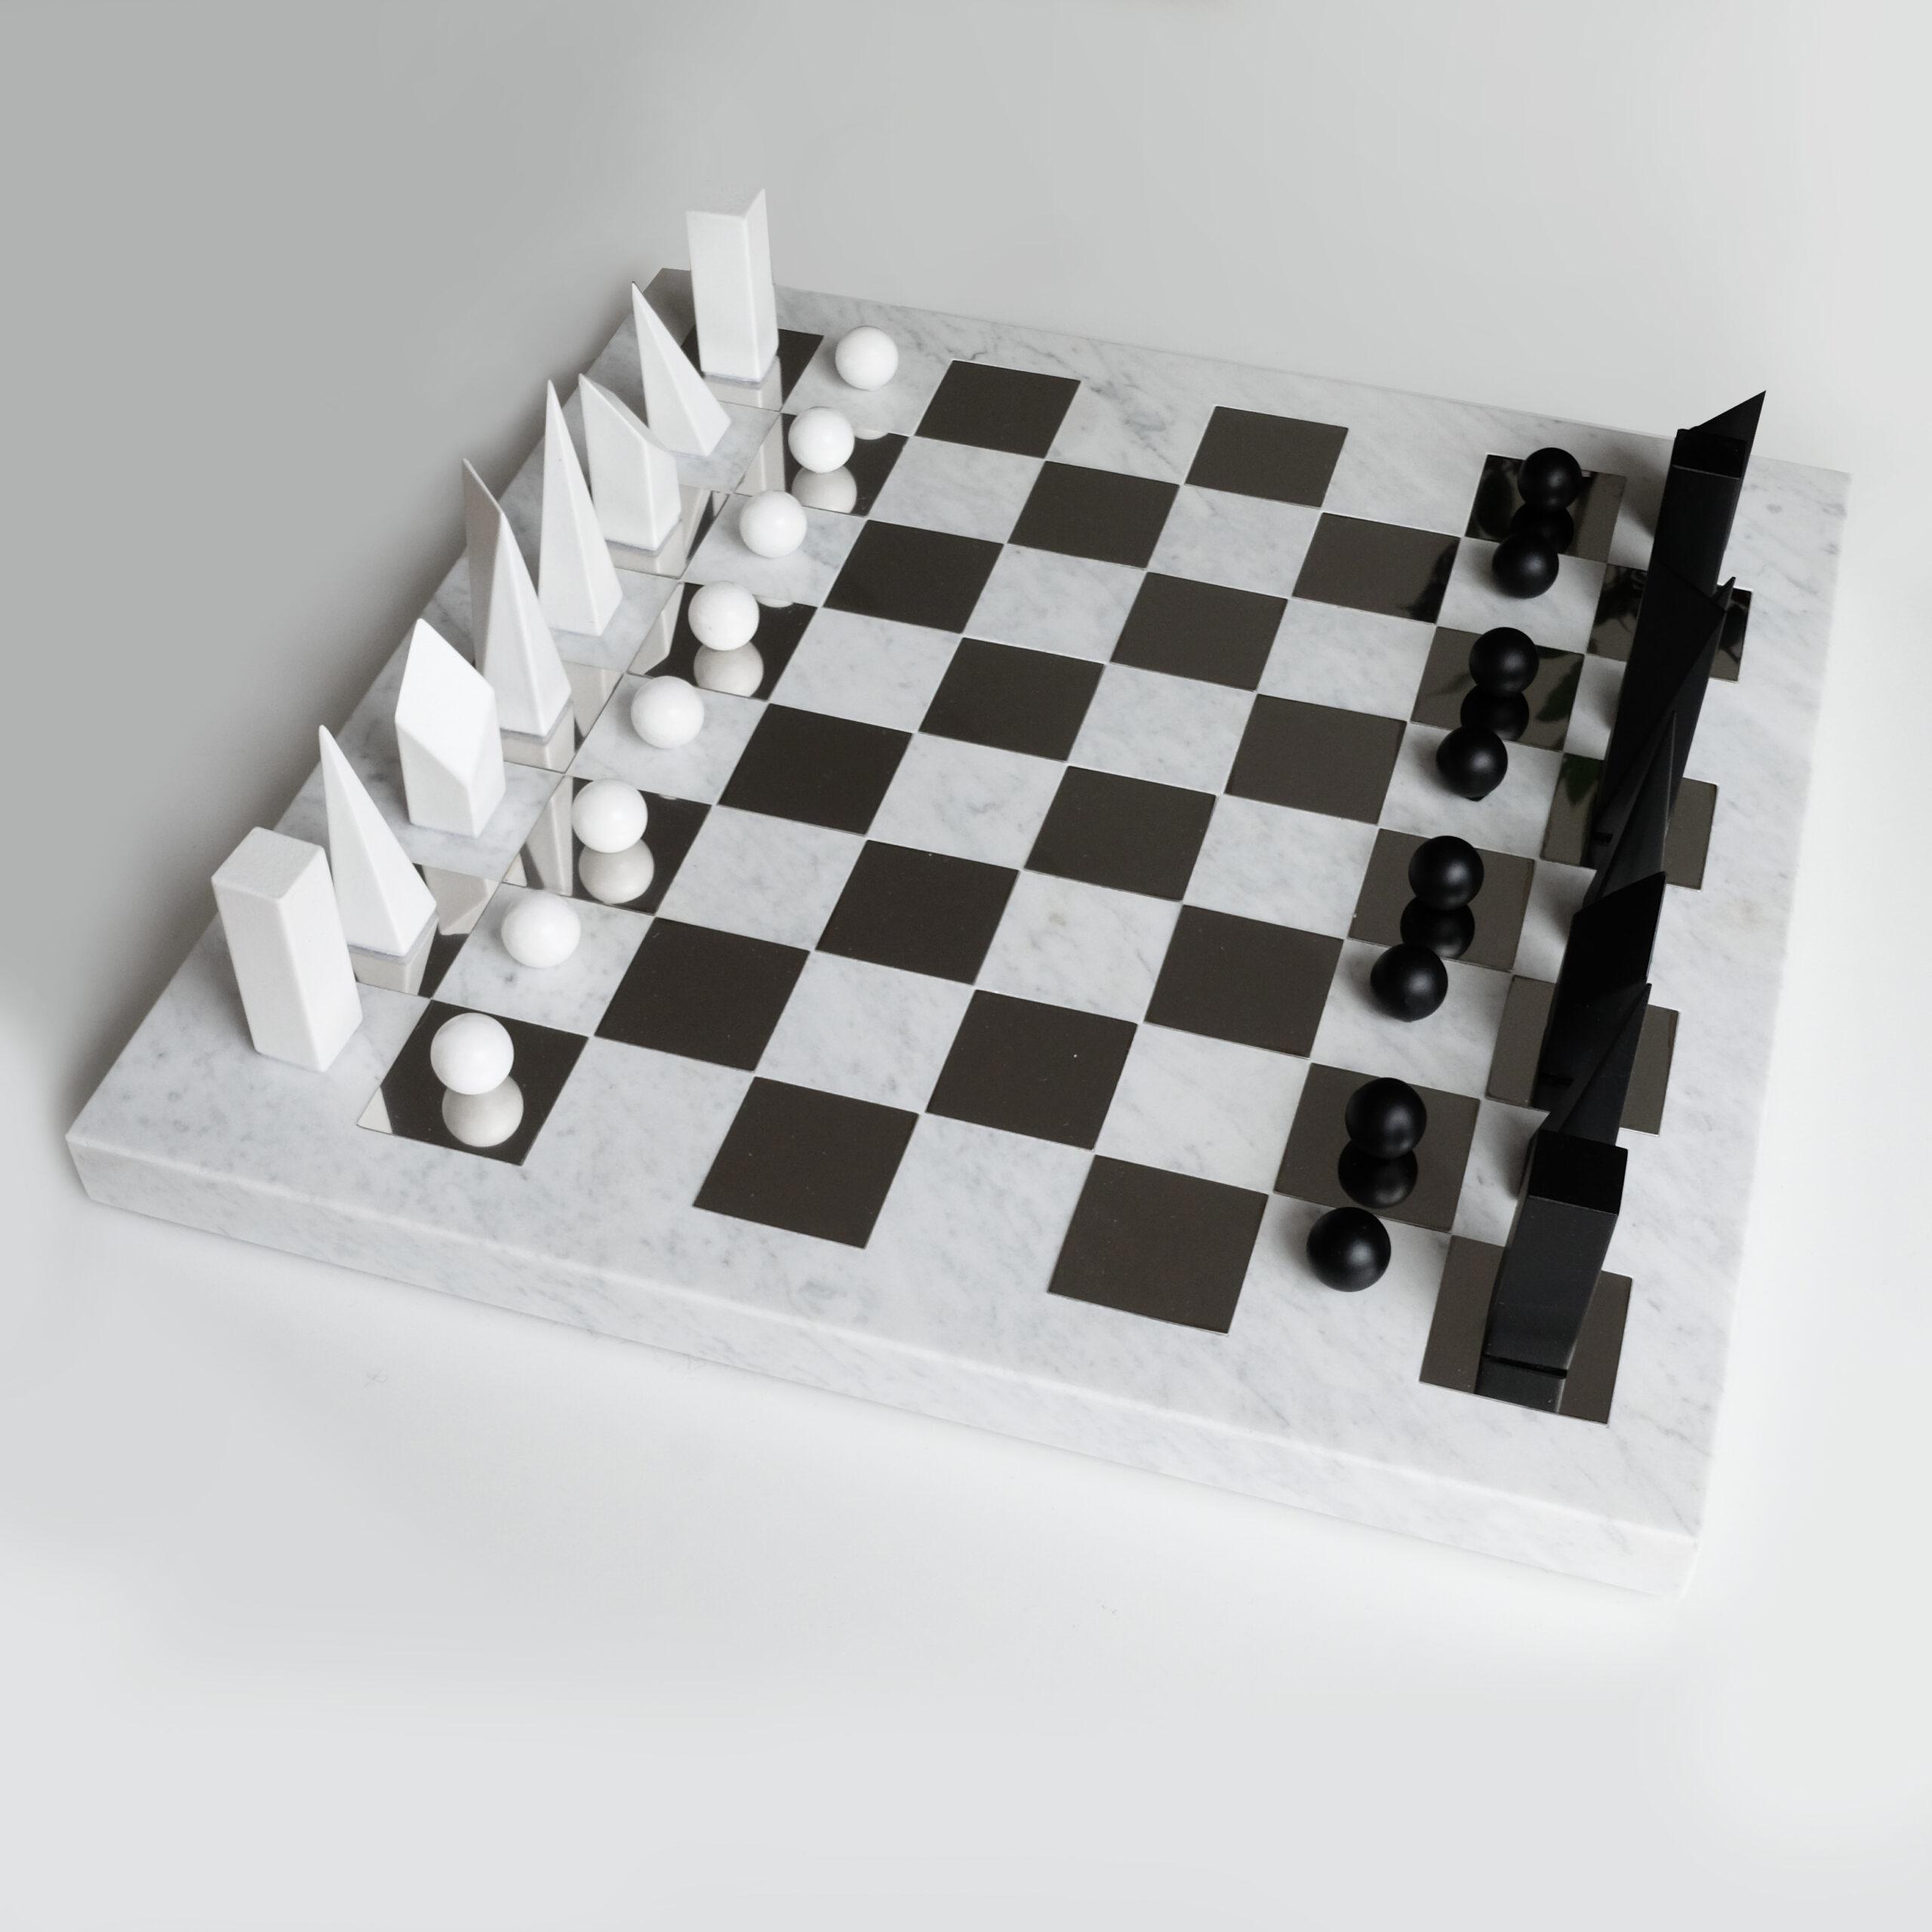 Minimalistyczne szachy